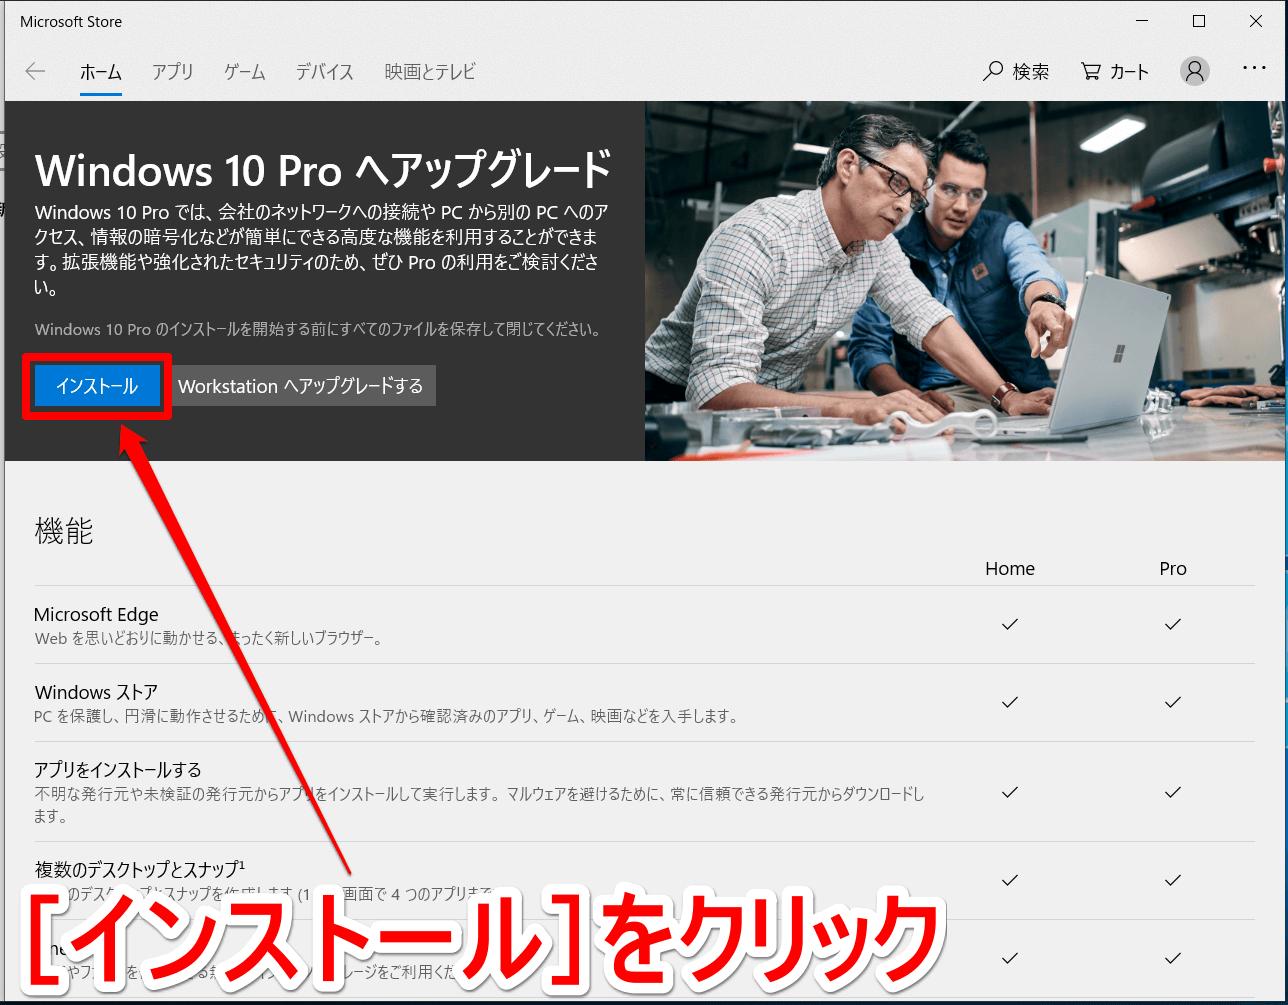 「Windows 10 Proへアップグレード」画面(インストール画面)